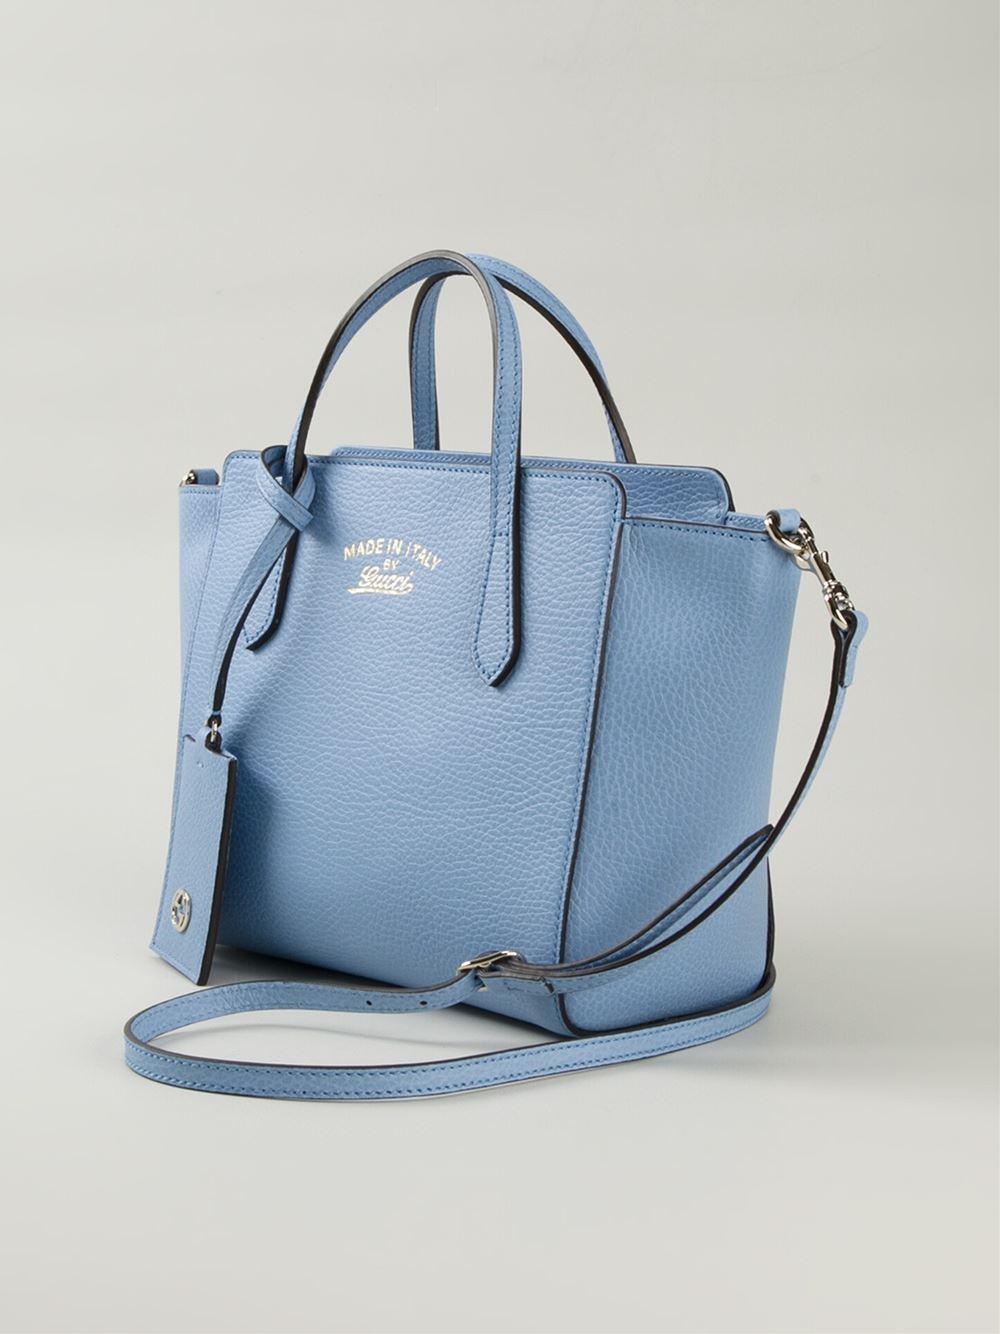 6abb575fd7f65d Gucci Mini 'Swing' Tote in Blue - Lyst